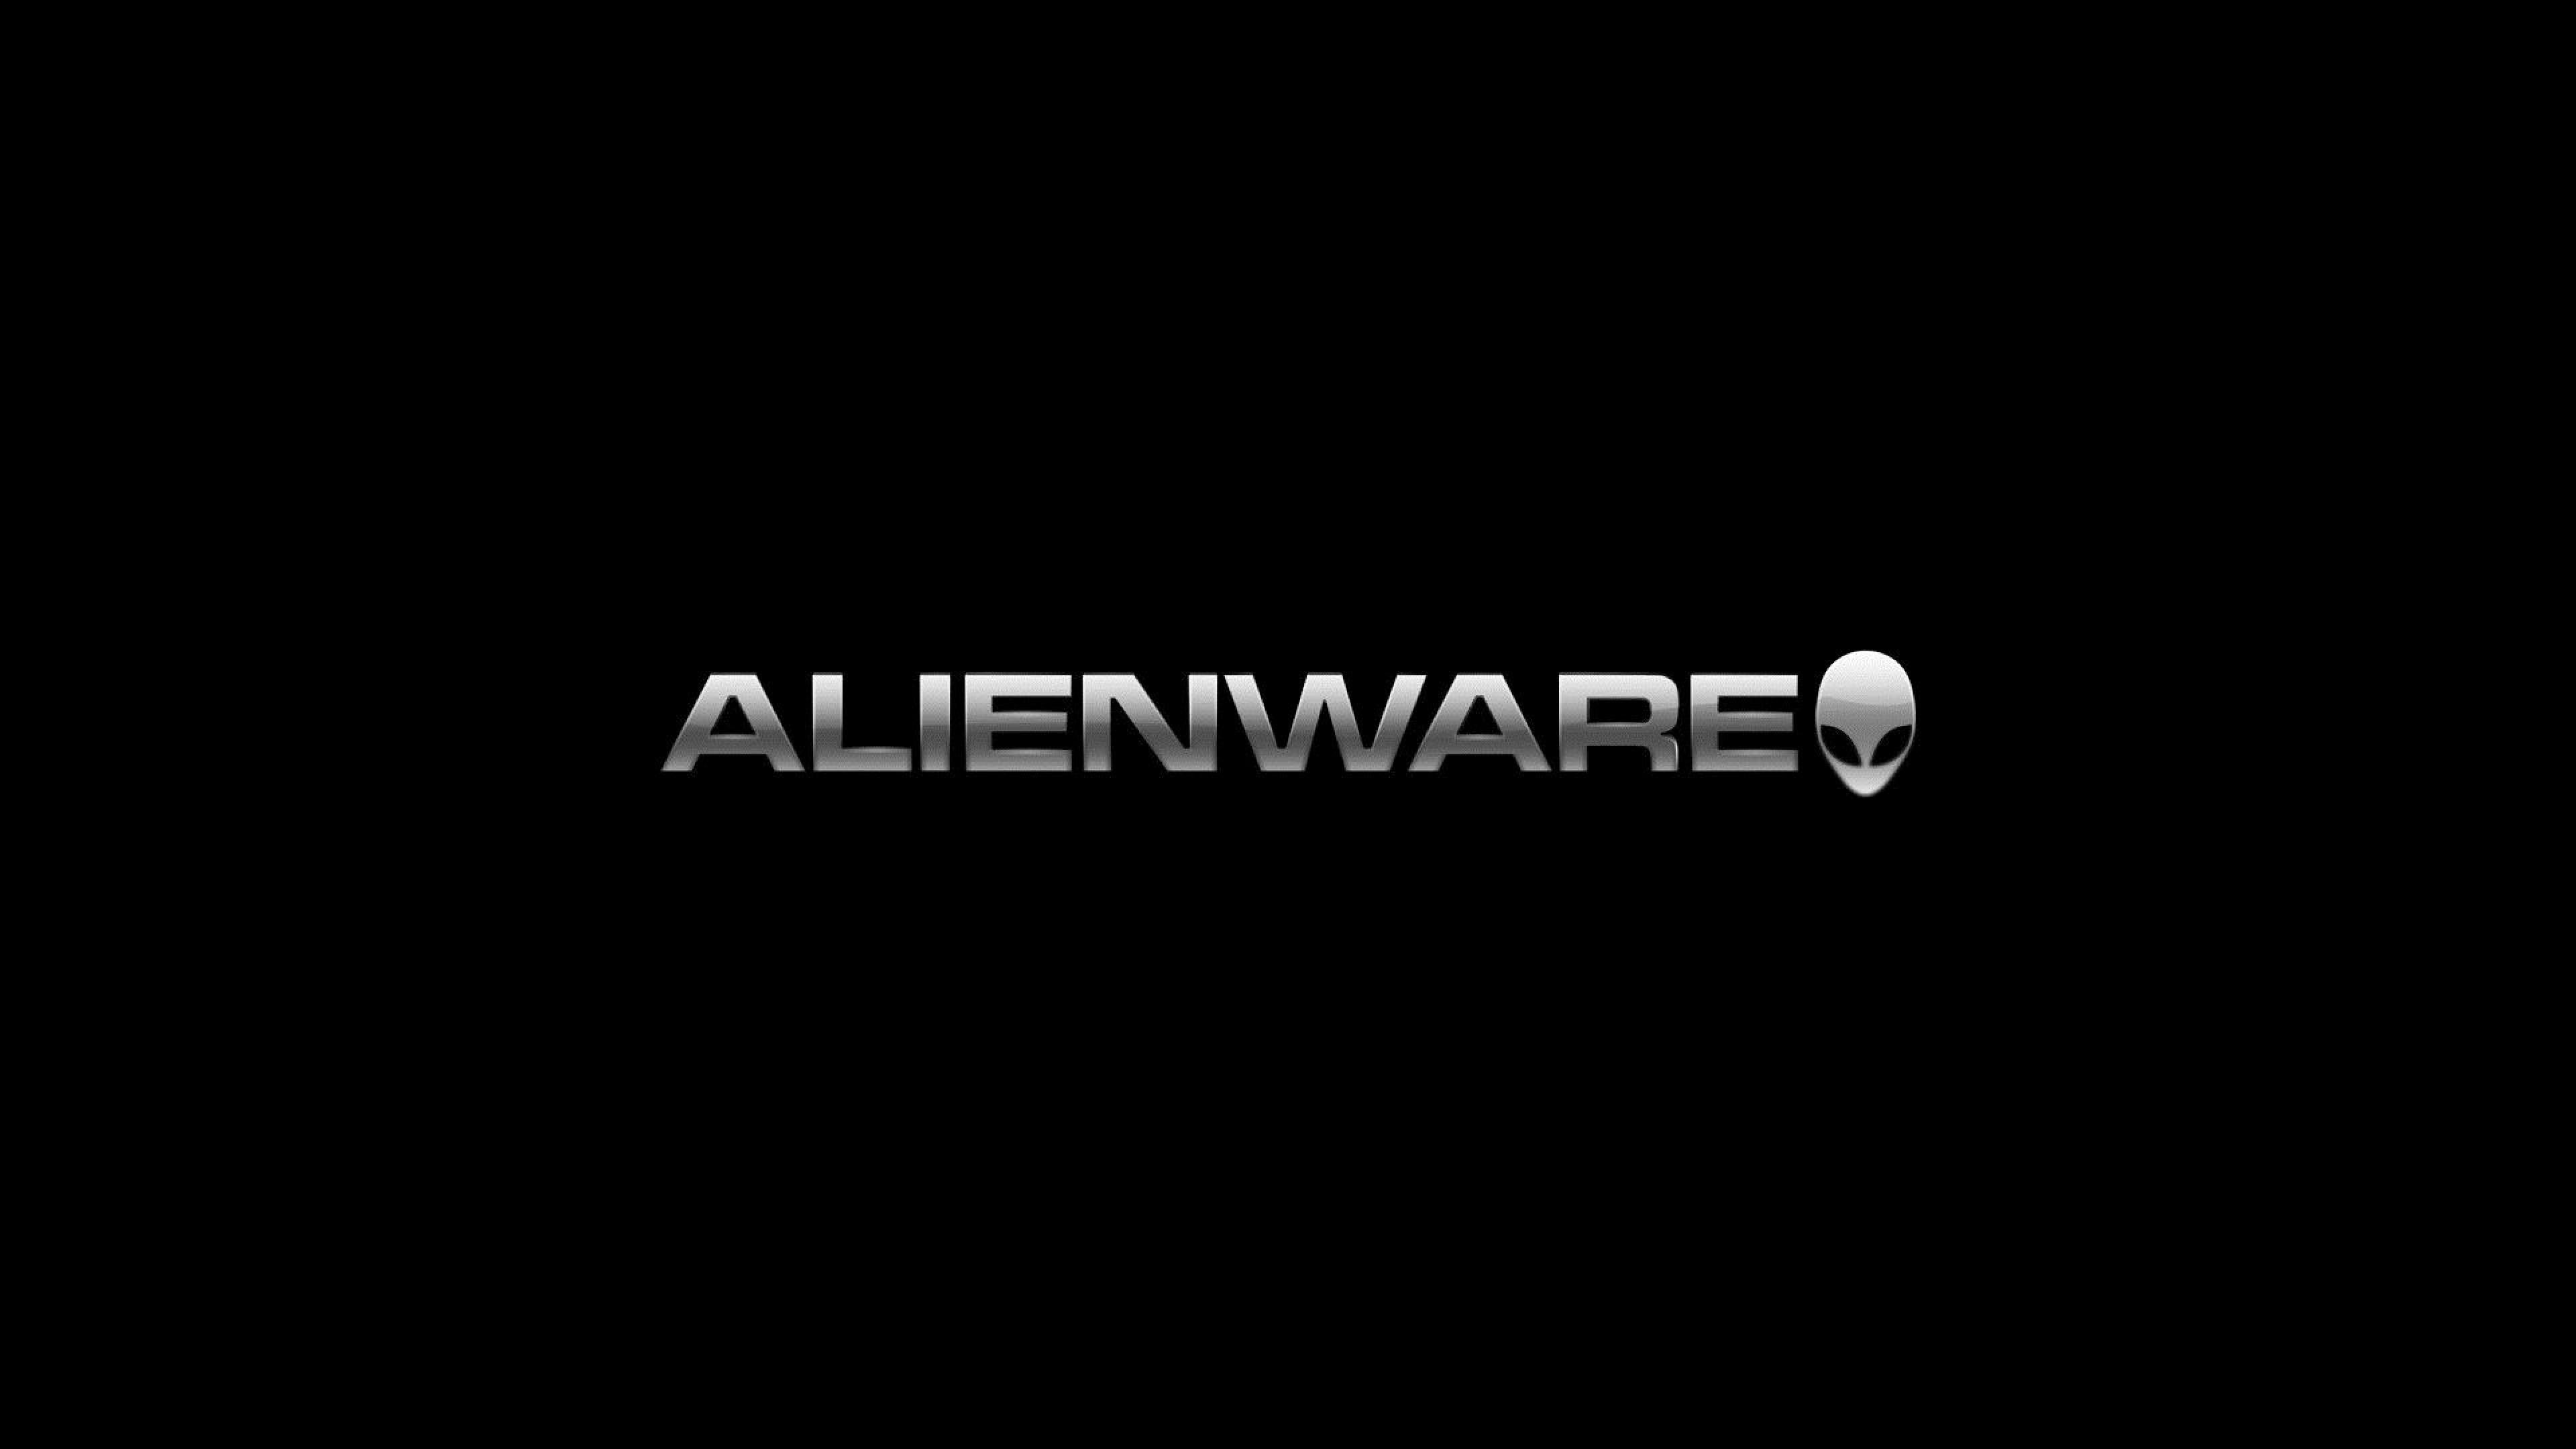 Alienware Wallpaper 3840x2160